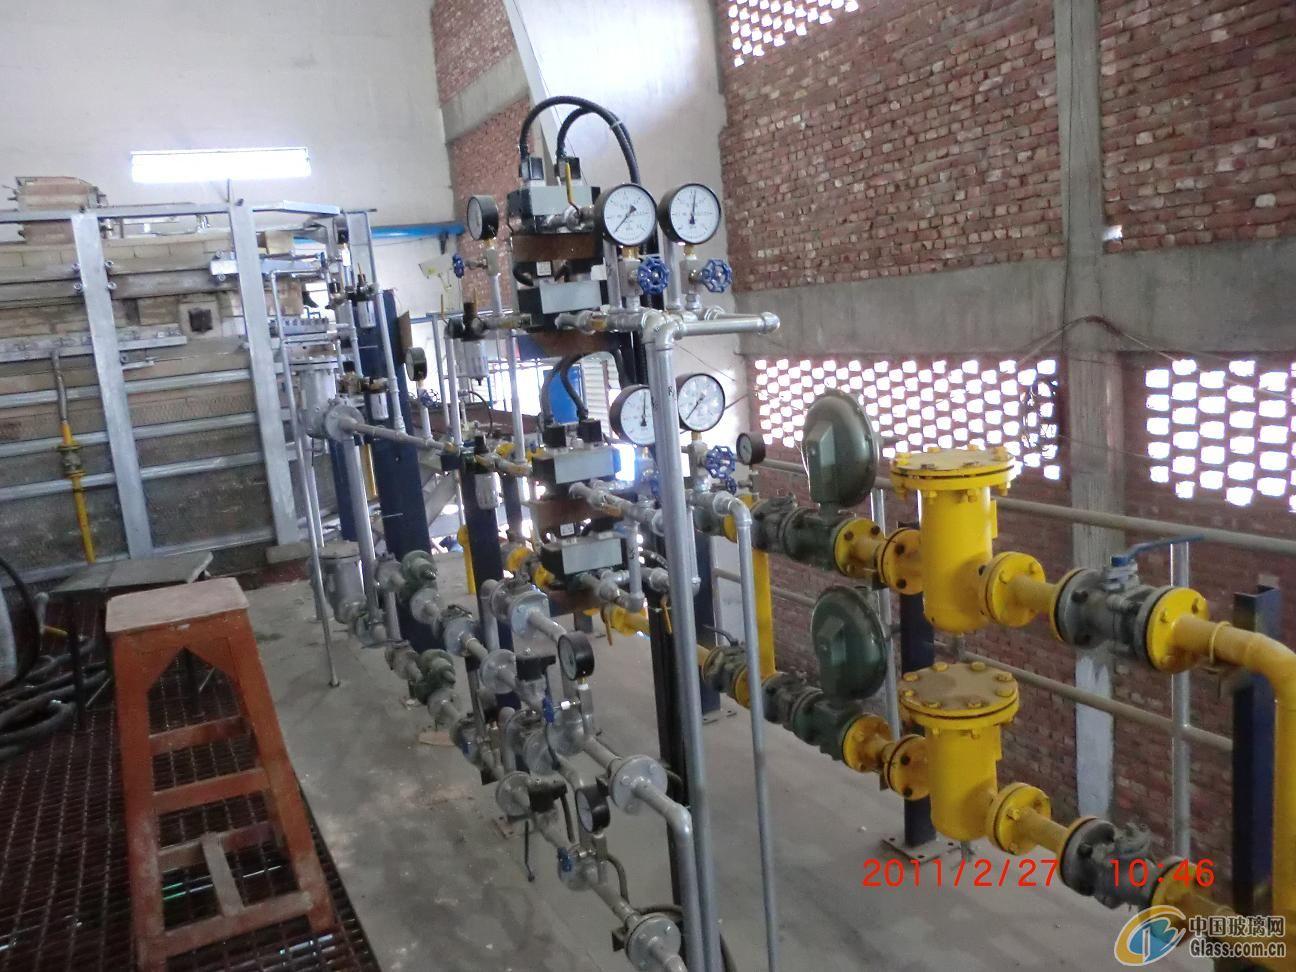 重庆莱弗窑炉供应柴油燃控系统 设计先进